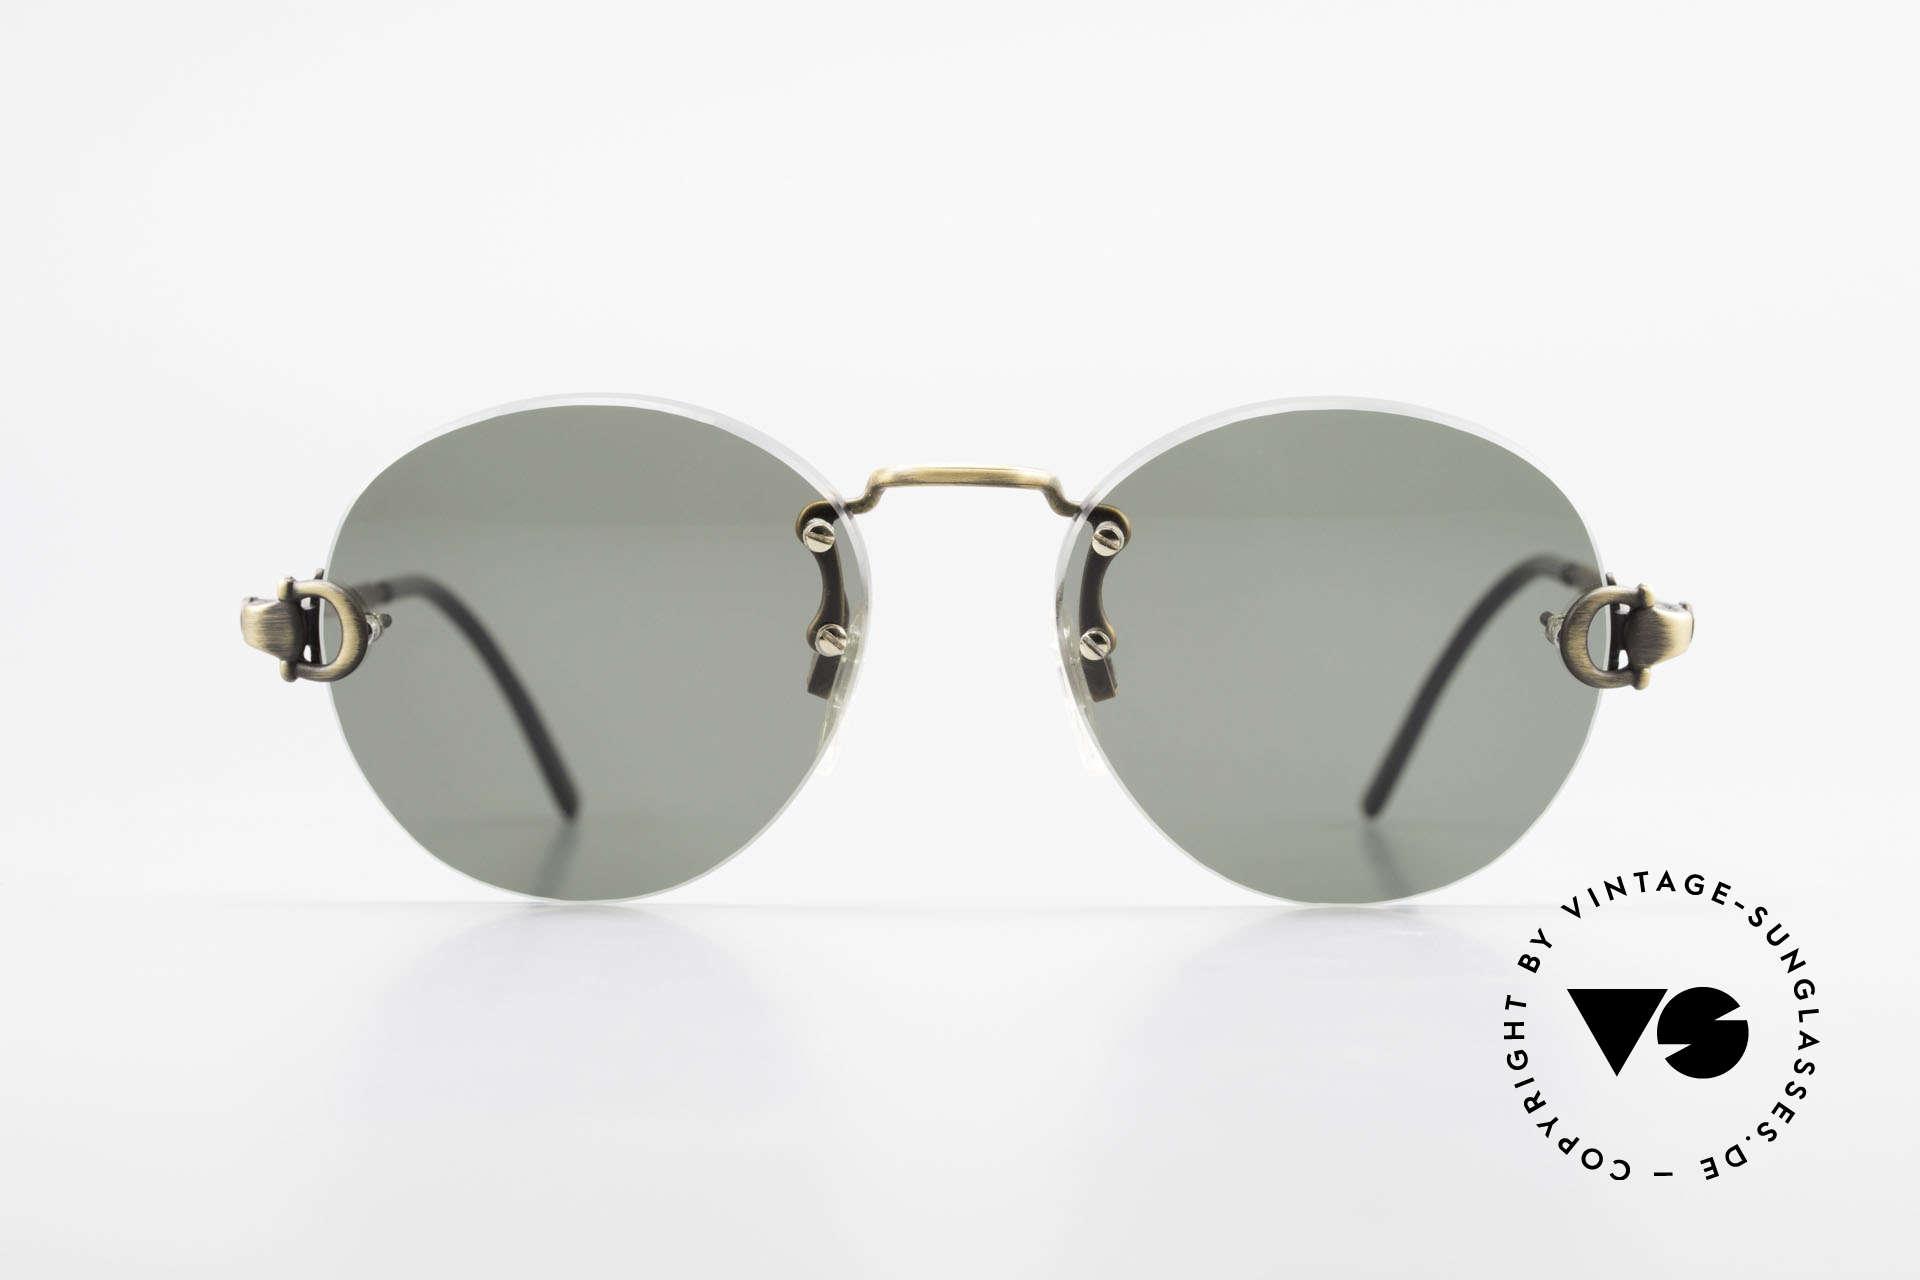 Gucci 2223 Runde Sonnenbrille Randlos, rundes Unisex-Modell: passend für Damen & Herren, Passend für Herren und Damen